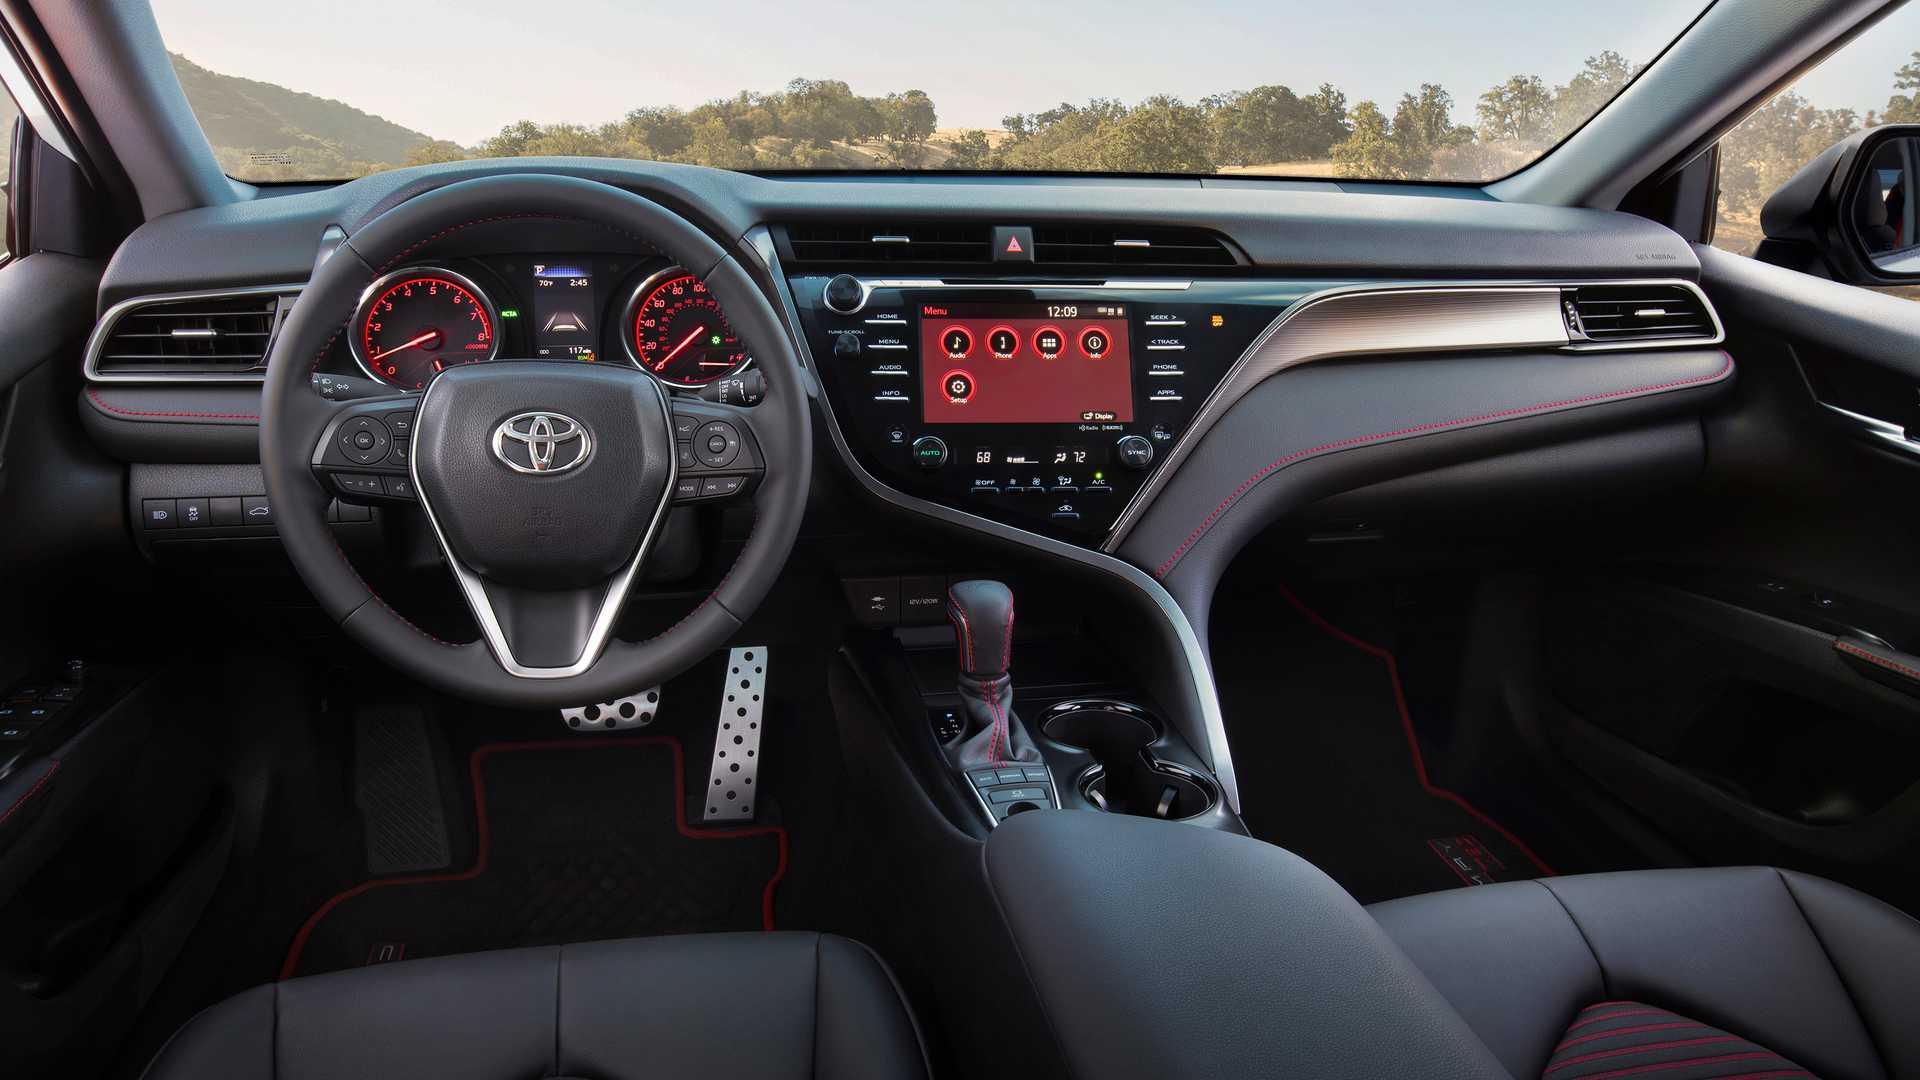 Toyota Camry TRD 2020 sản xuất giới hạn, công bố giá từ 744 triệu - 11